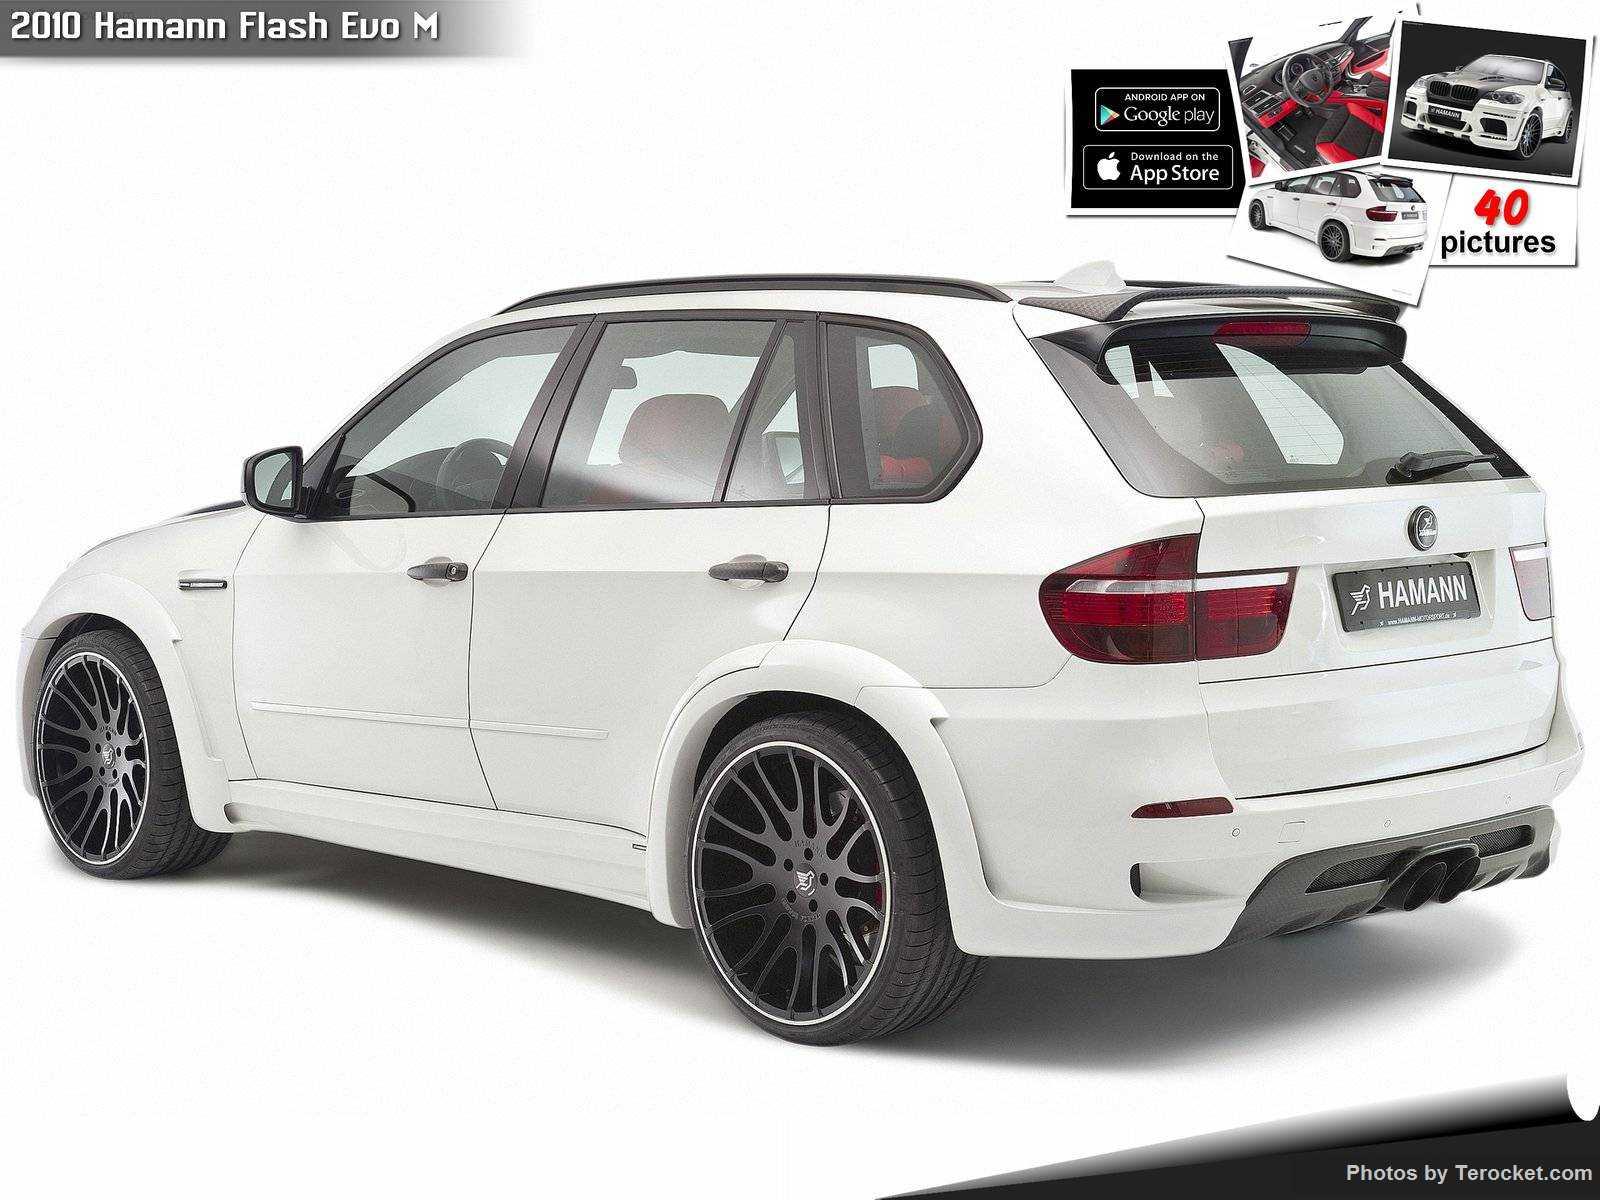 Hình ảnh xe ô tô Hamann Flash Evo M 2010 & nội ngoại thất